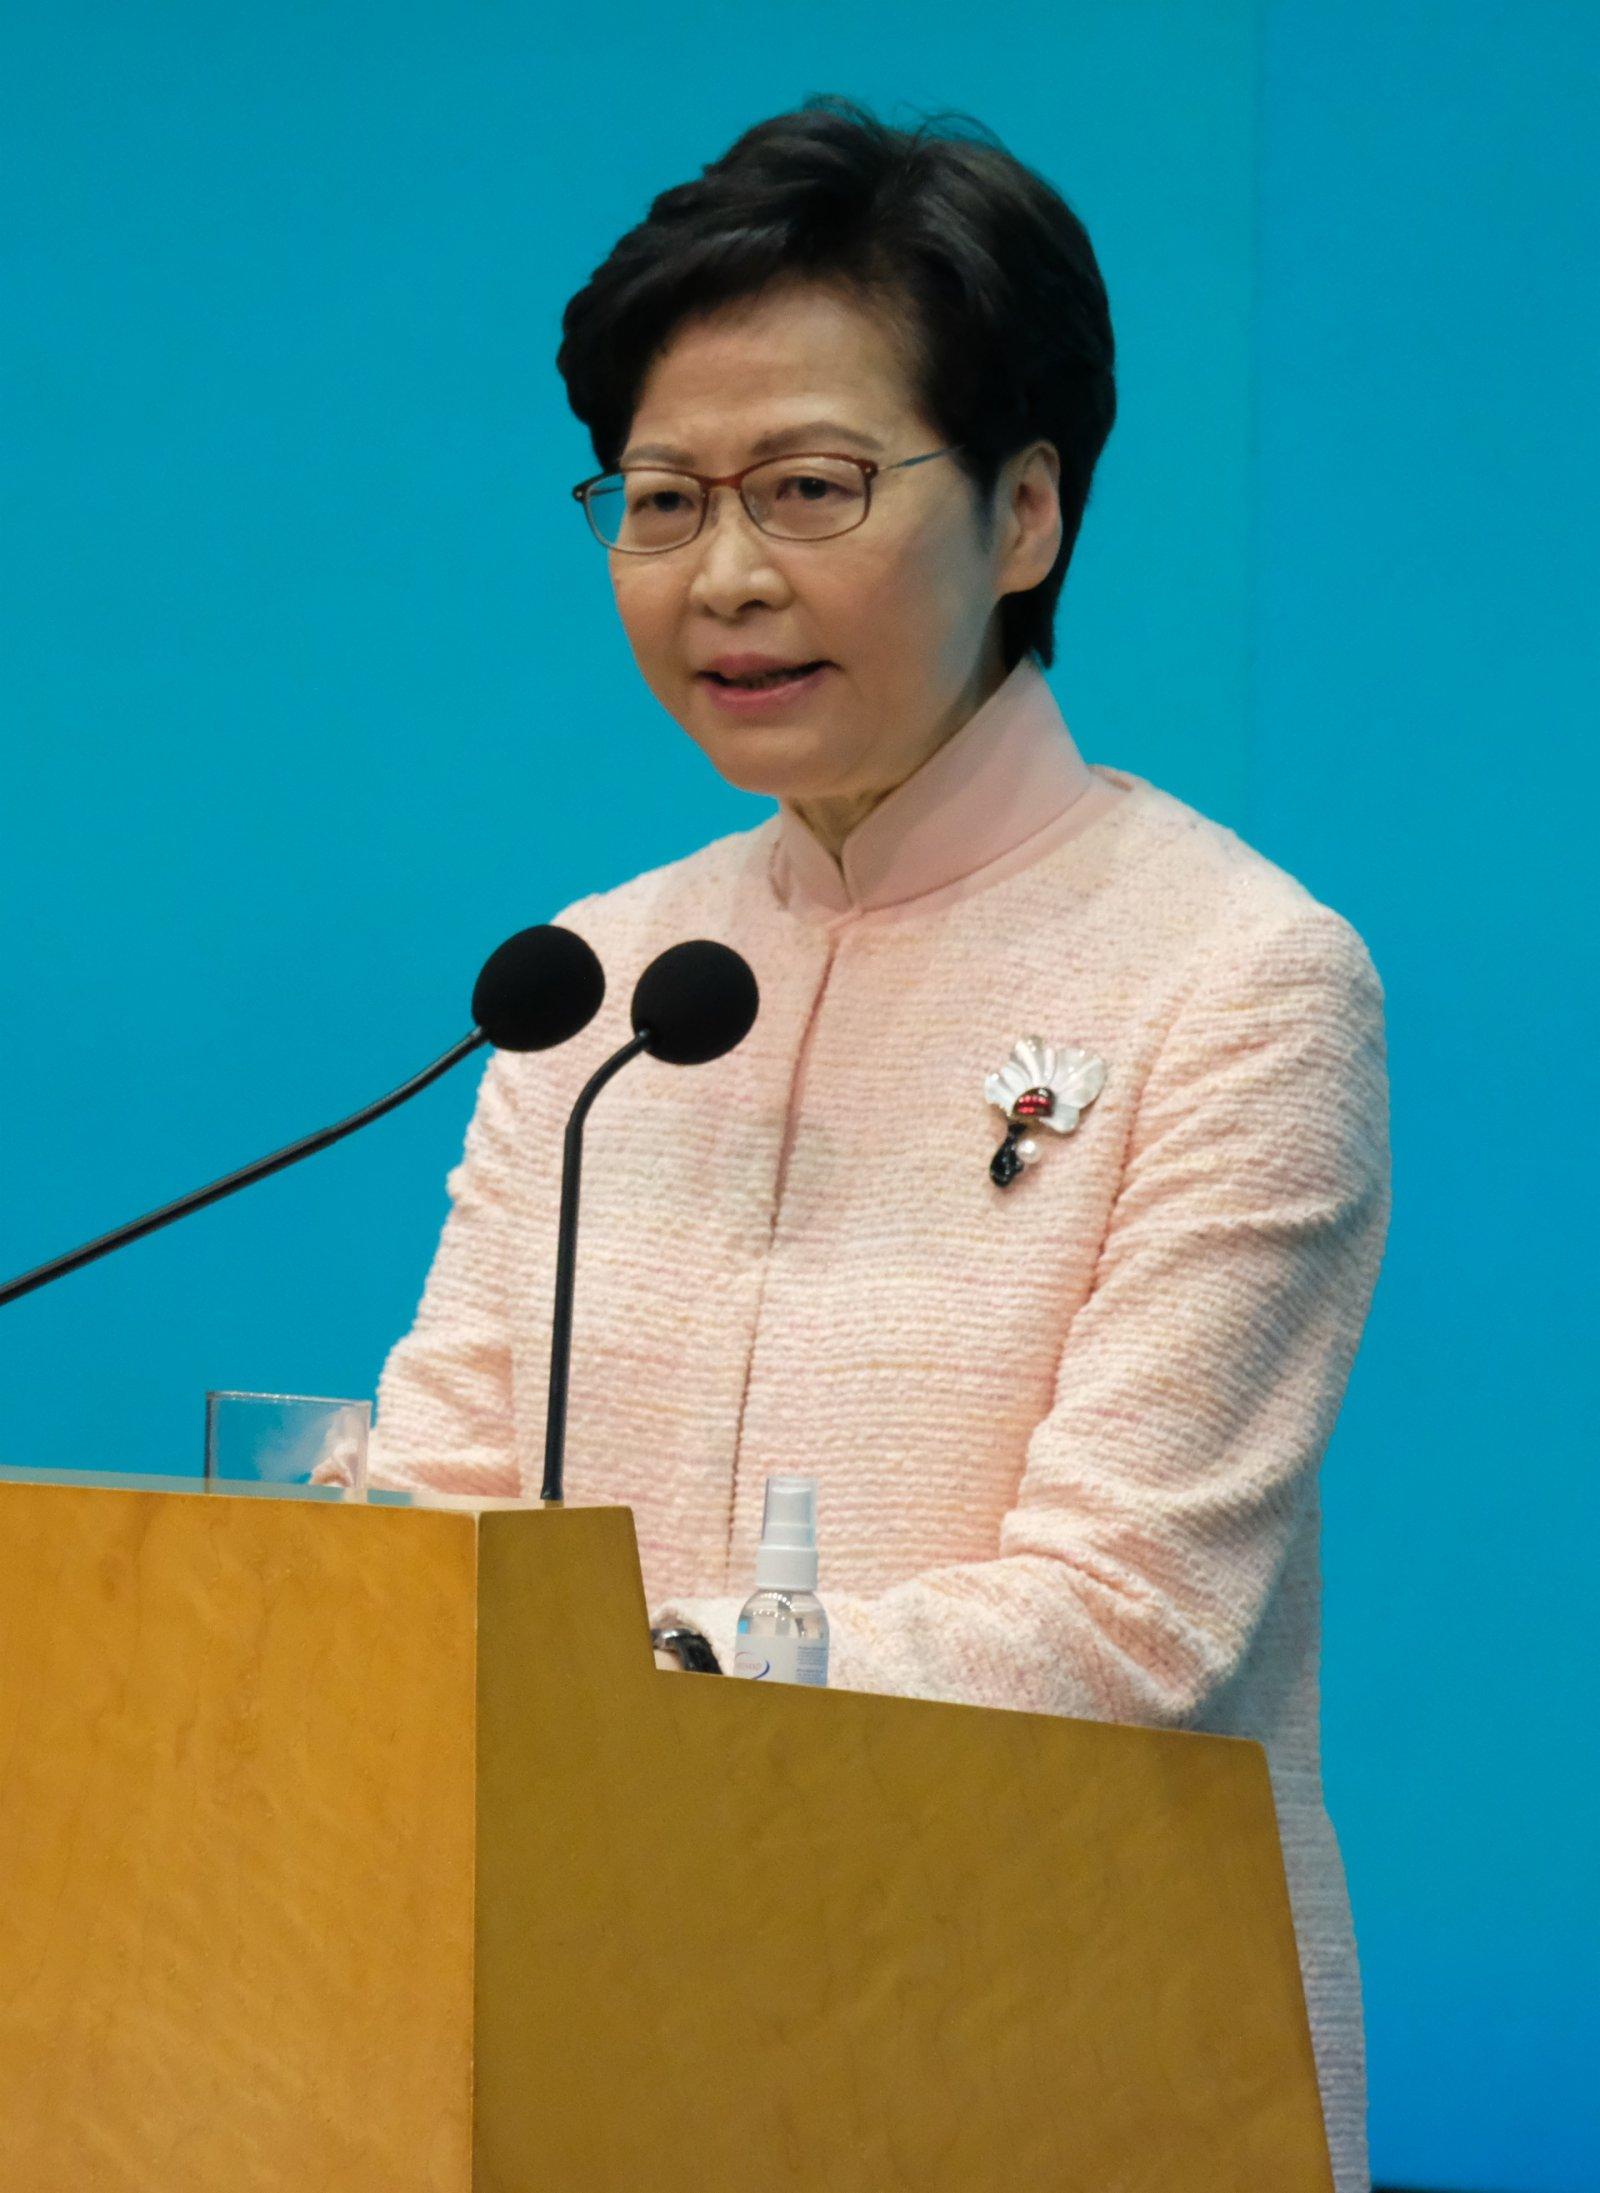 林鄭:將繼續招攬國際同內地人才到港發展